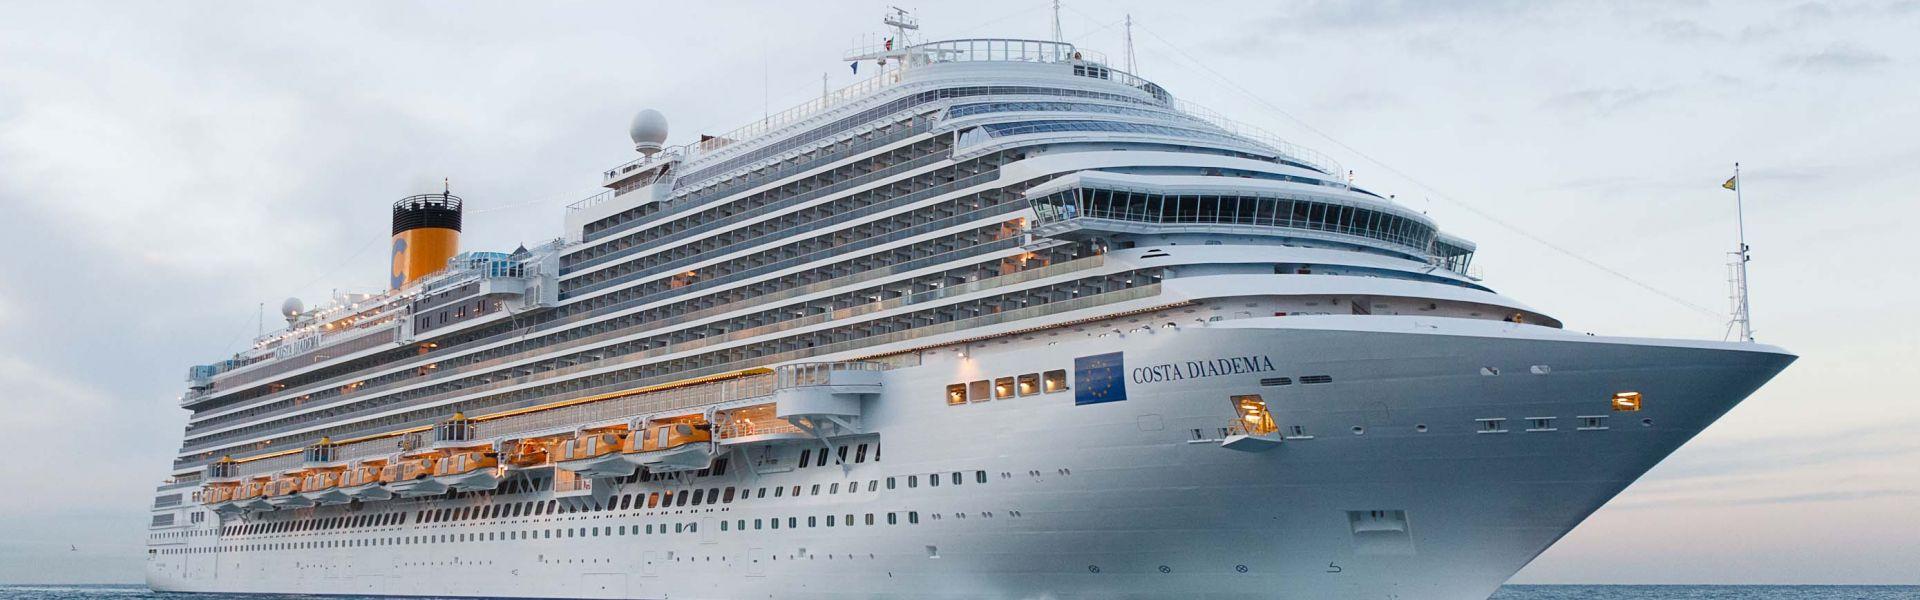 Croaziera 2018 -  Mediterana de Vest (Civitavecchia) - Costa Diadema - Costa Cruises - 7 nopti